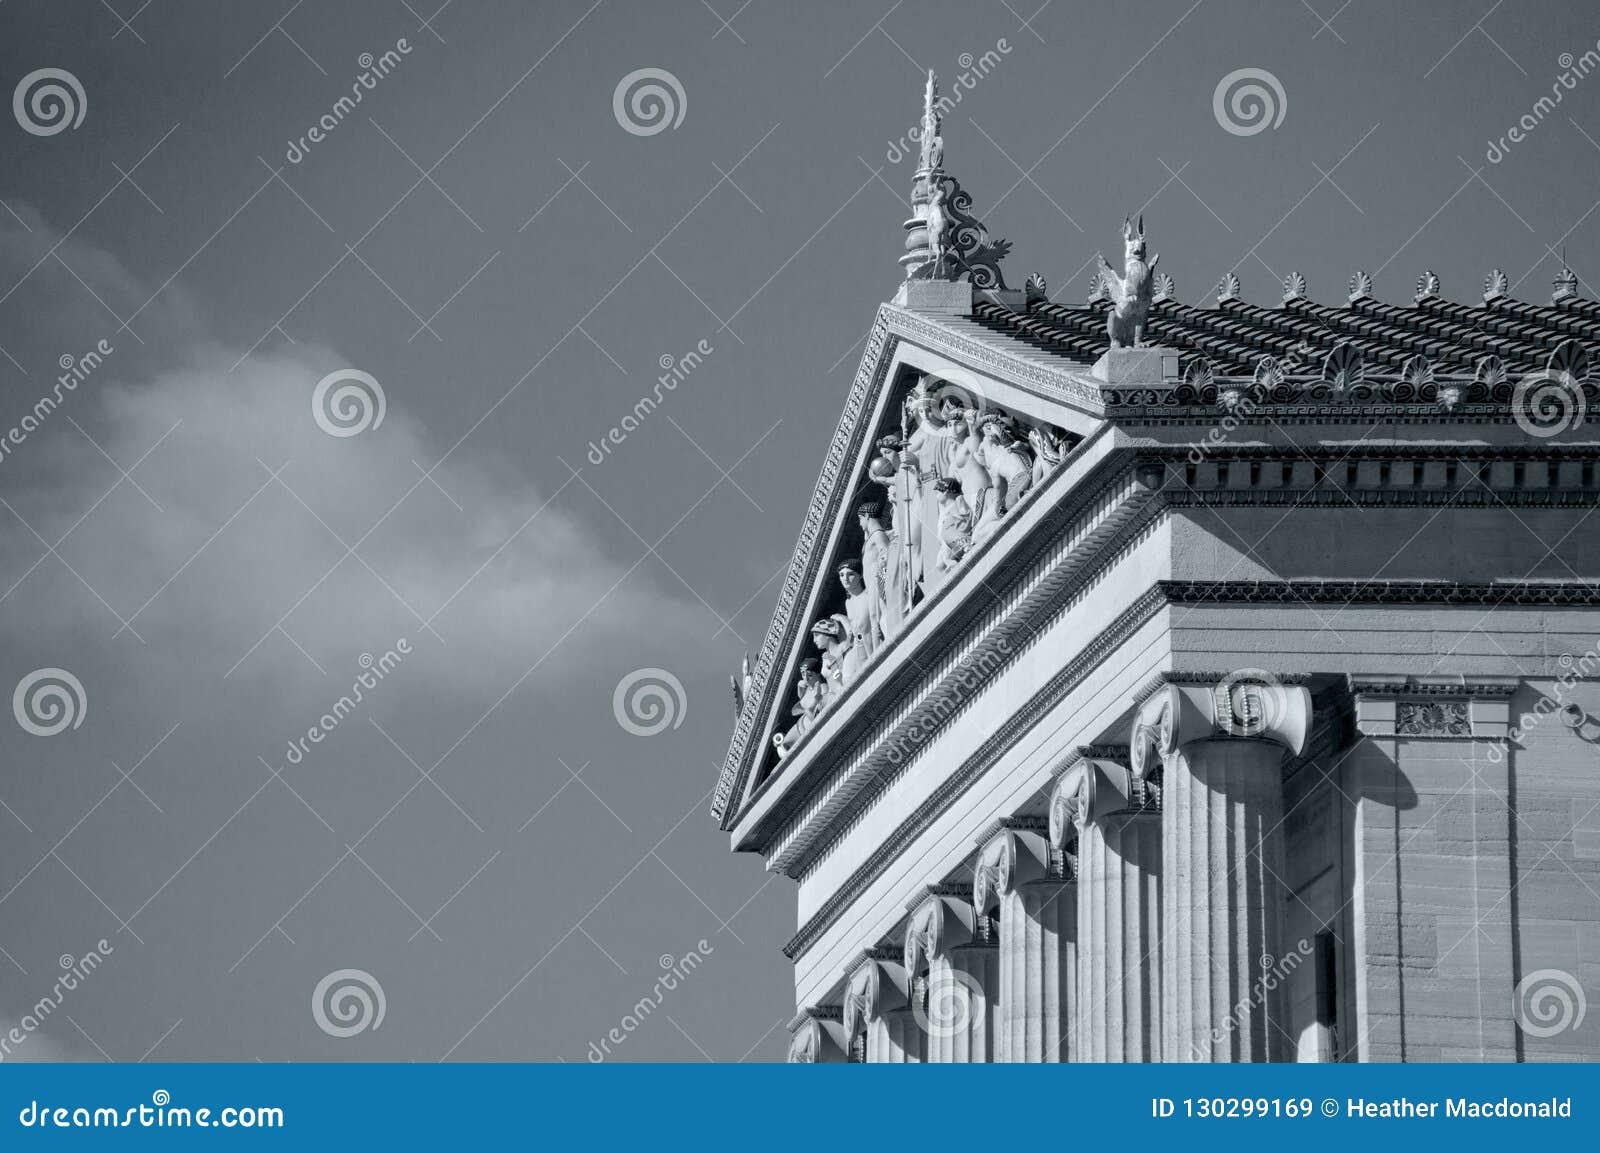 Взгляд со стороны музея изобразительных искусств Филадельфии в черно-белом